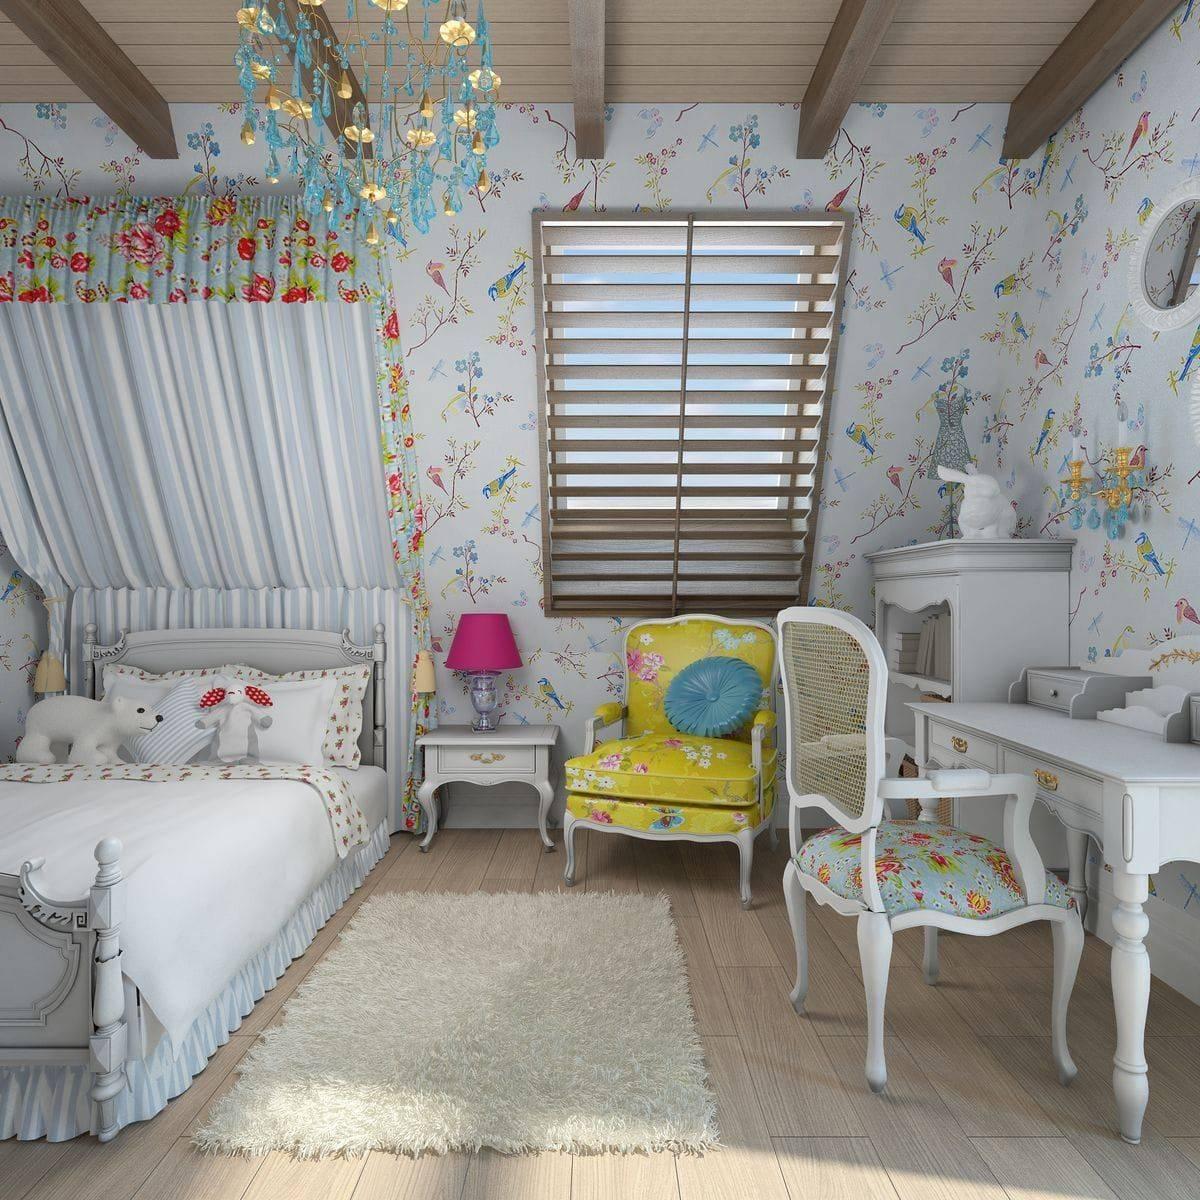 Лучшие идеи для дизайна интерьера спальни в стиле прованс, правила оформления